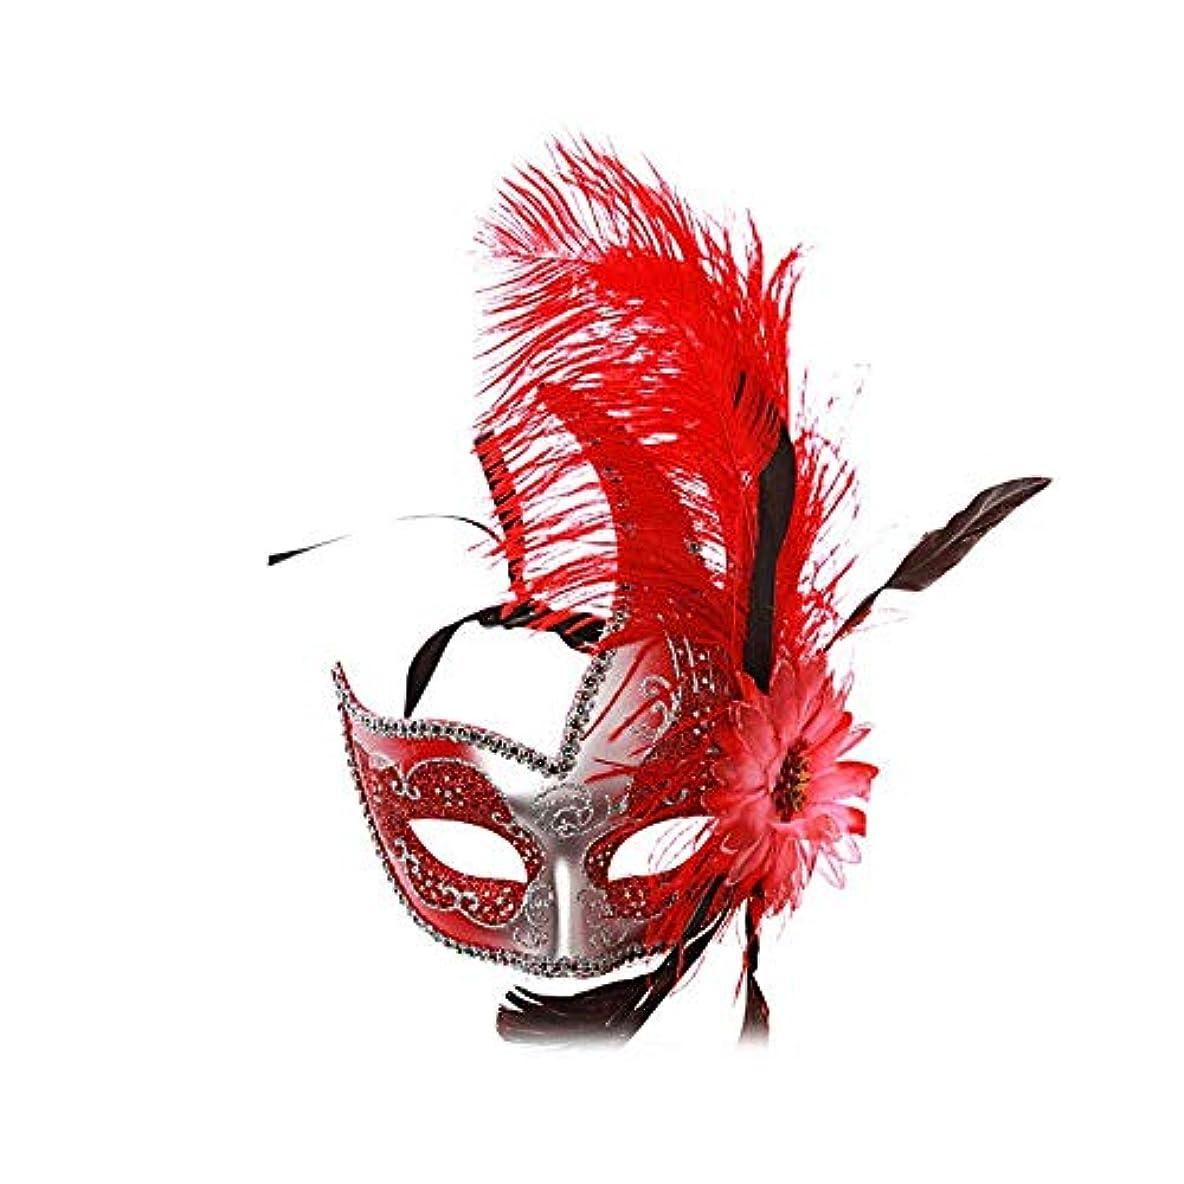 快適六不適Nanle ハロウィンマスクハーフフェザーマスクベニスプリンセスマスク美容レース仮面ライダーコスプレ (色 : Style B red)